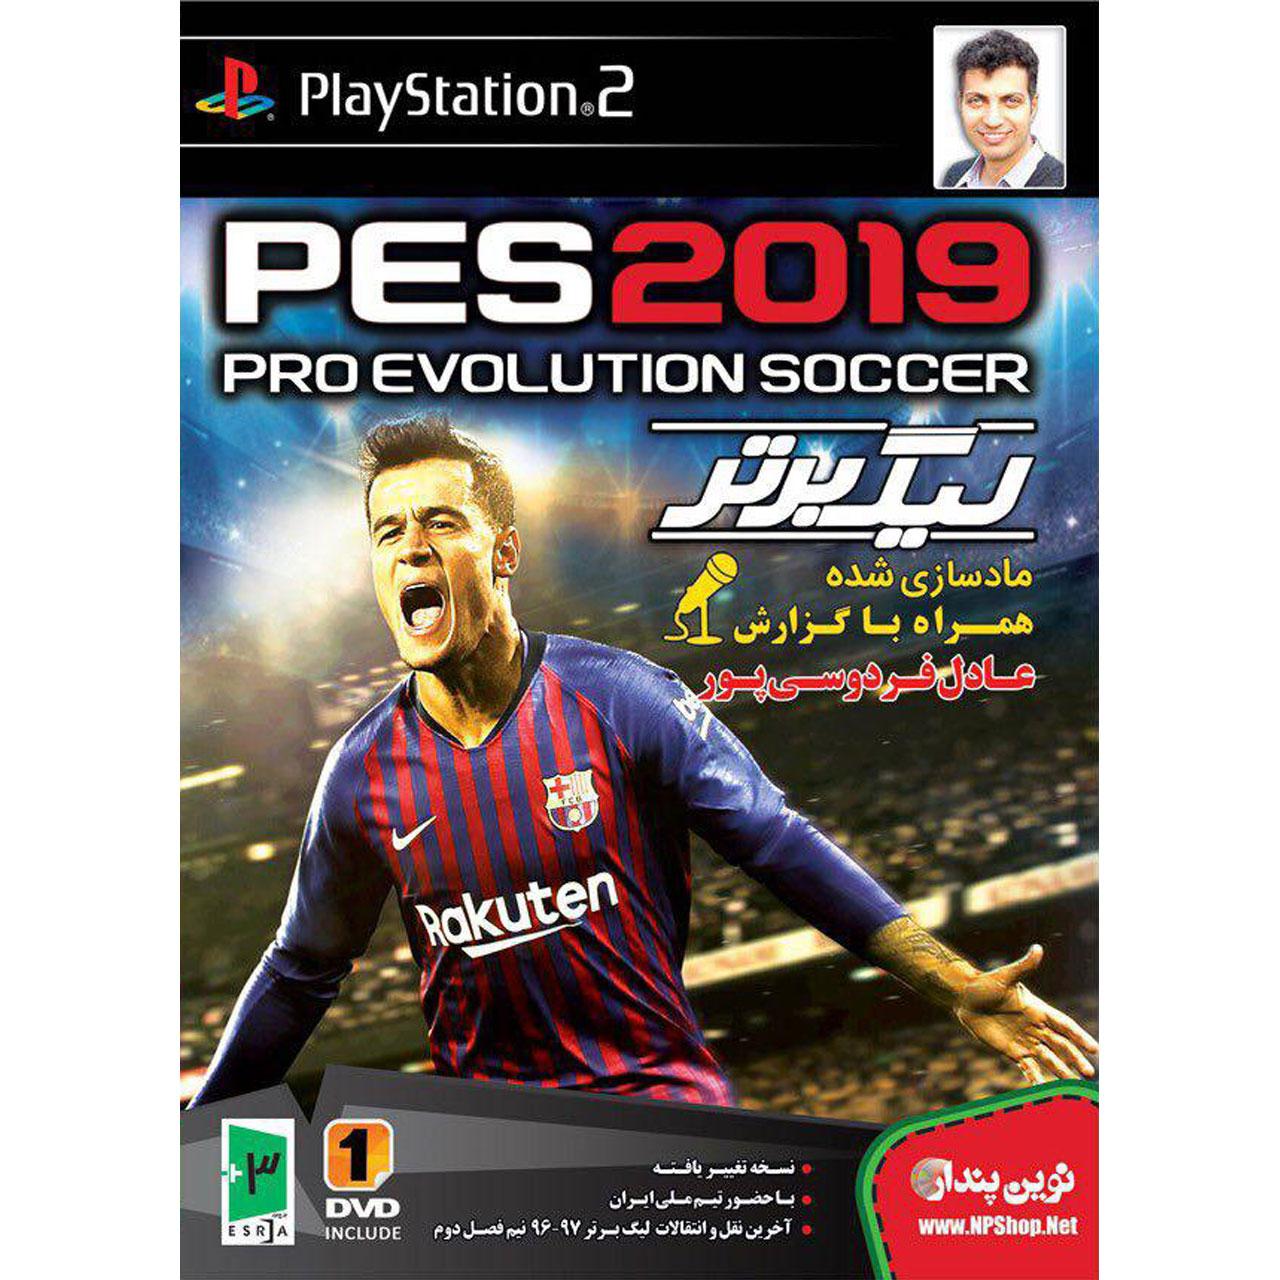 بازی pes 2019 به همراه لیگ برتر با گزارش عادل فردوسی پور مخصوص PS2